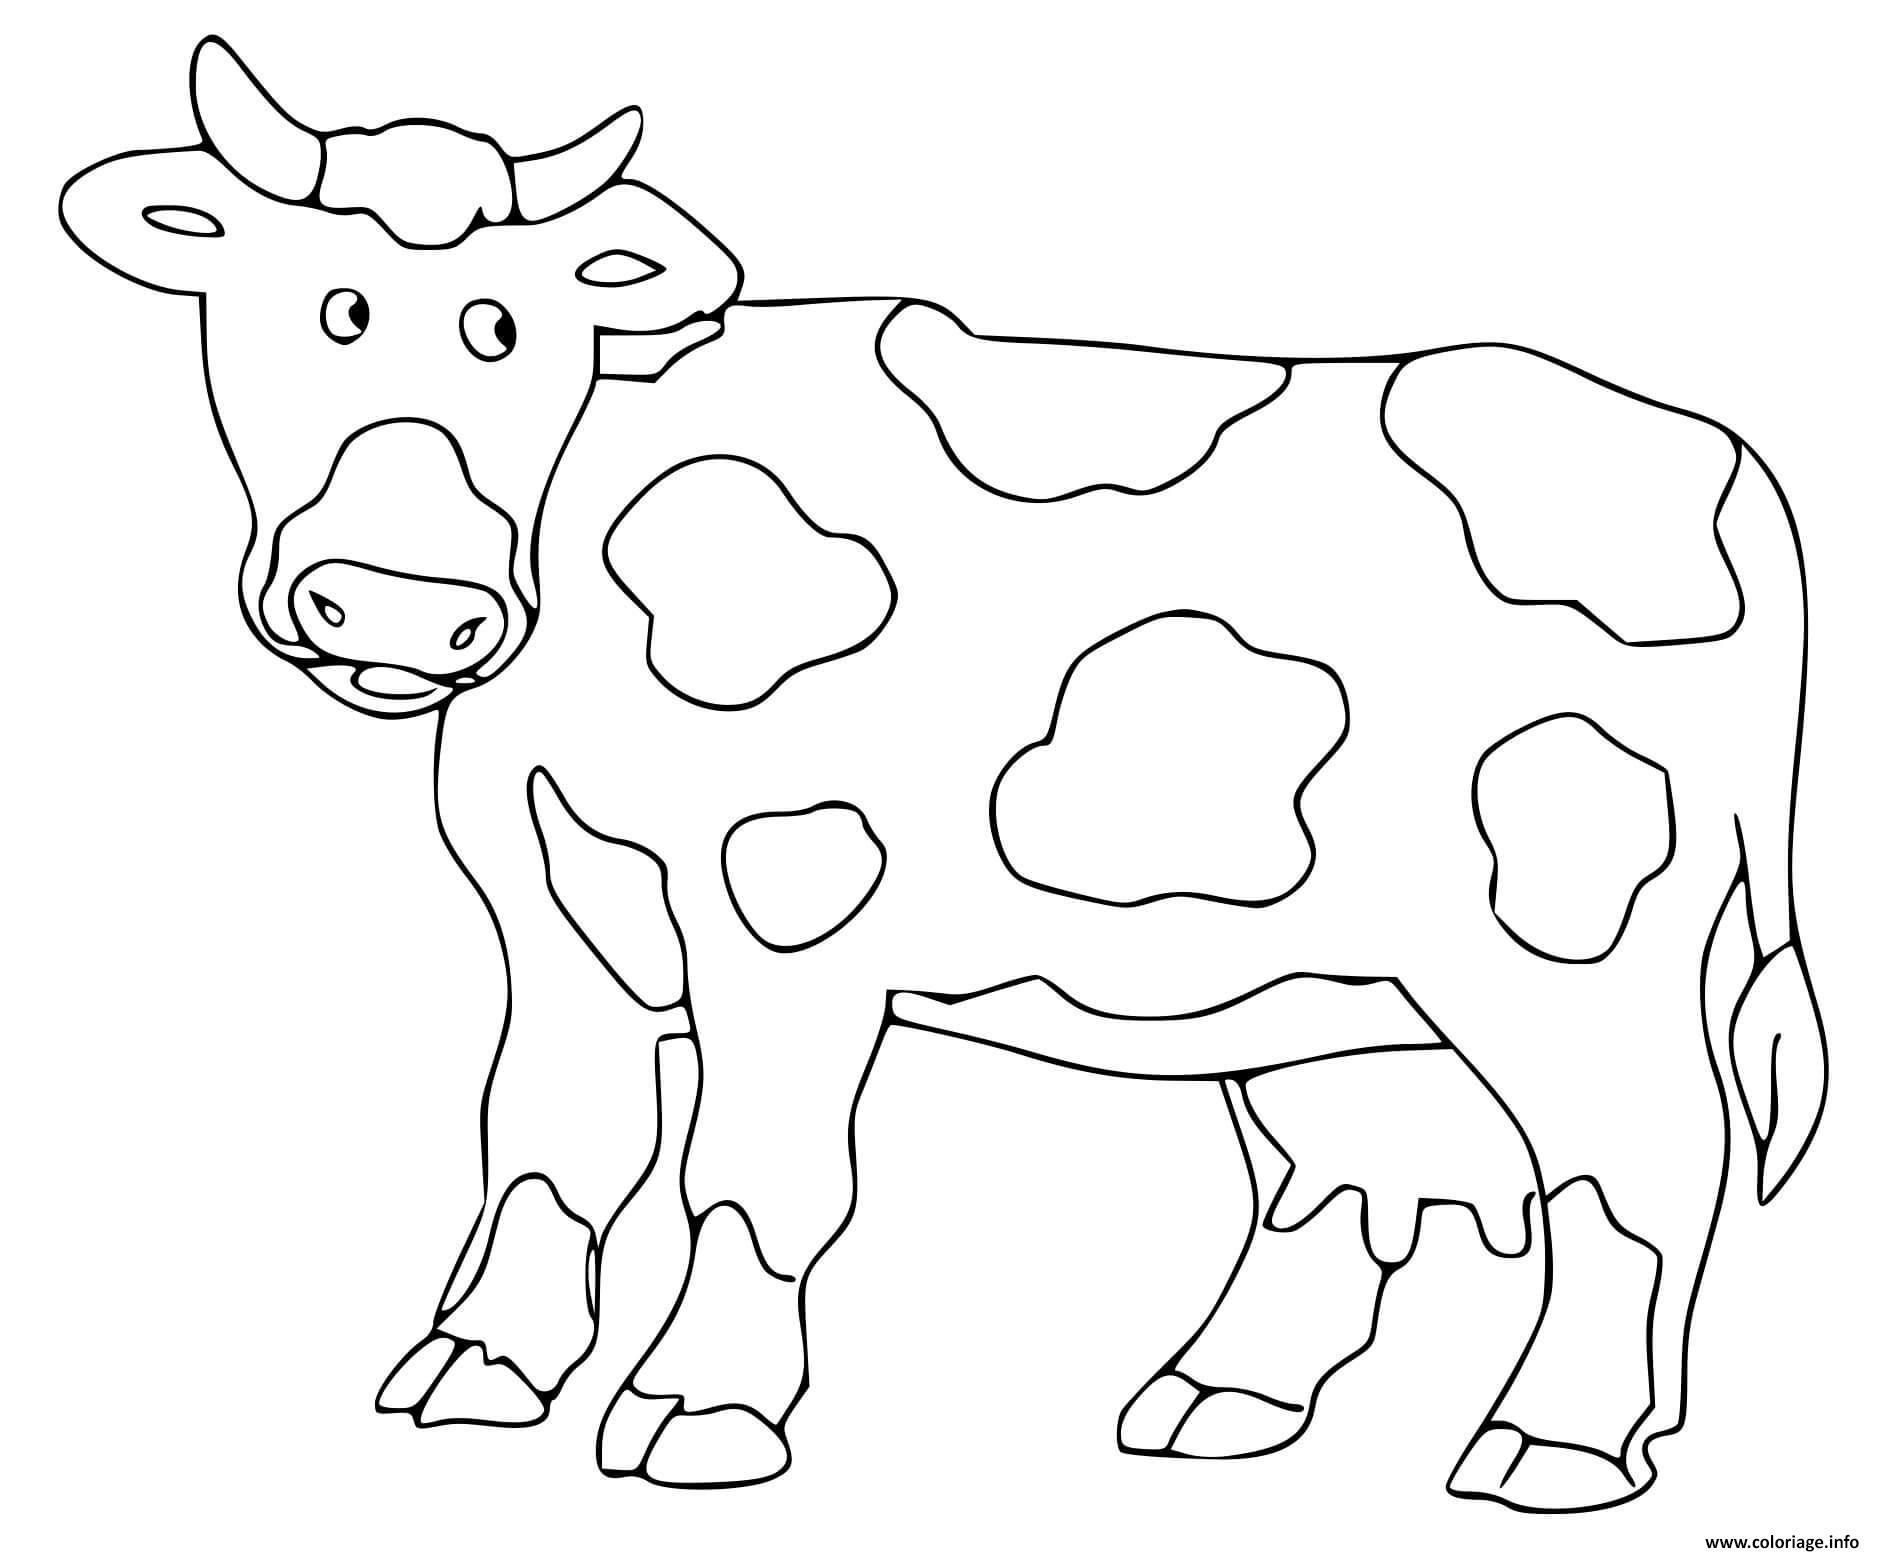 Dessin vache Coloriage Gratuit à Imprimer